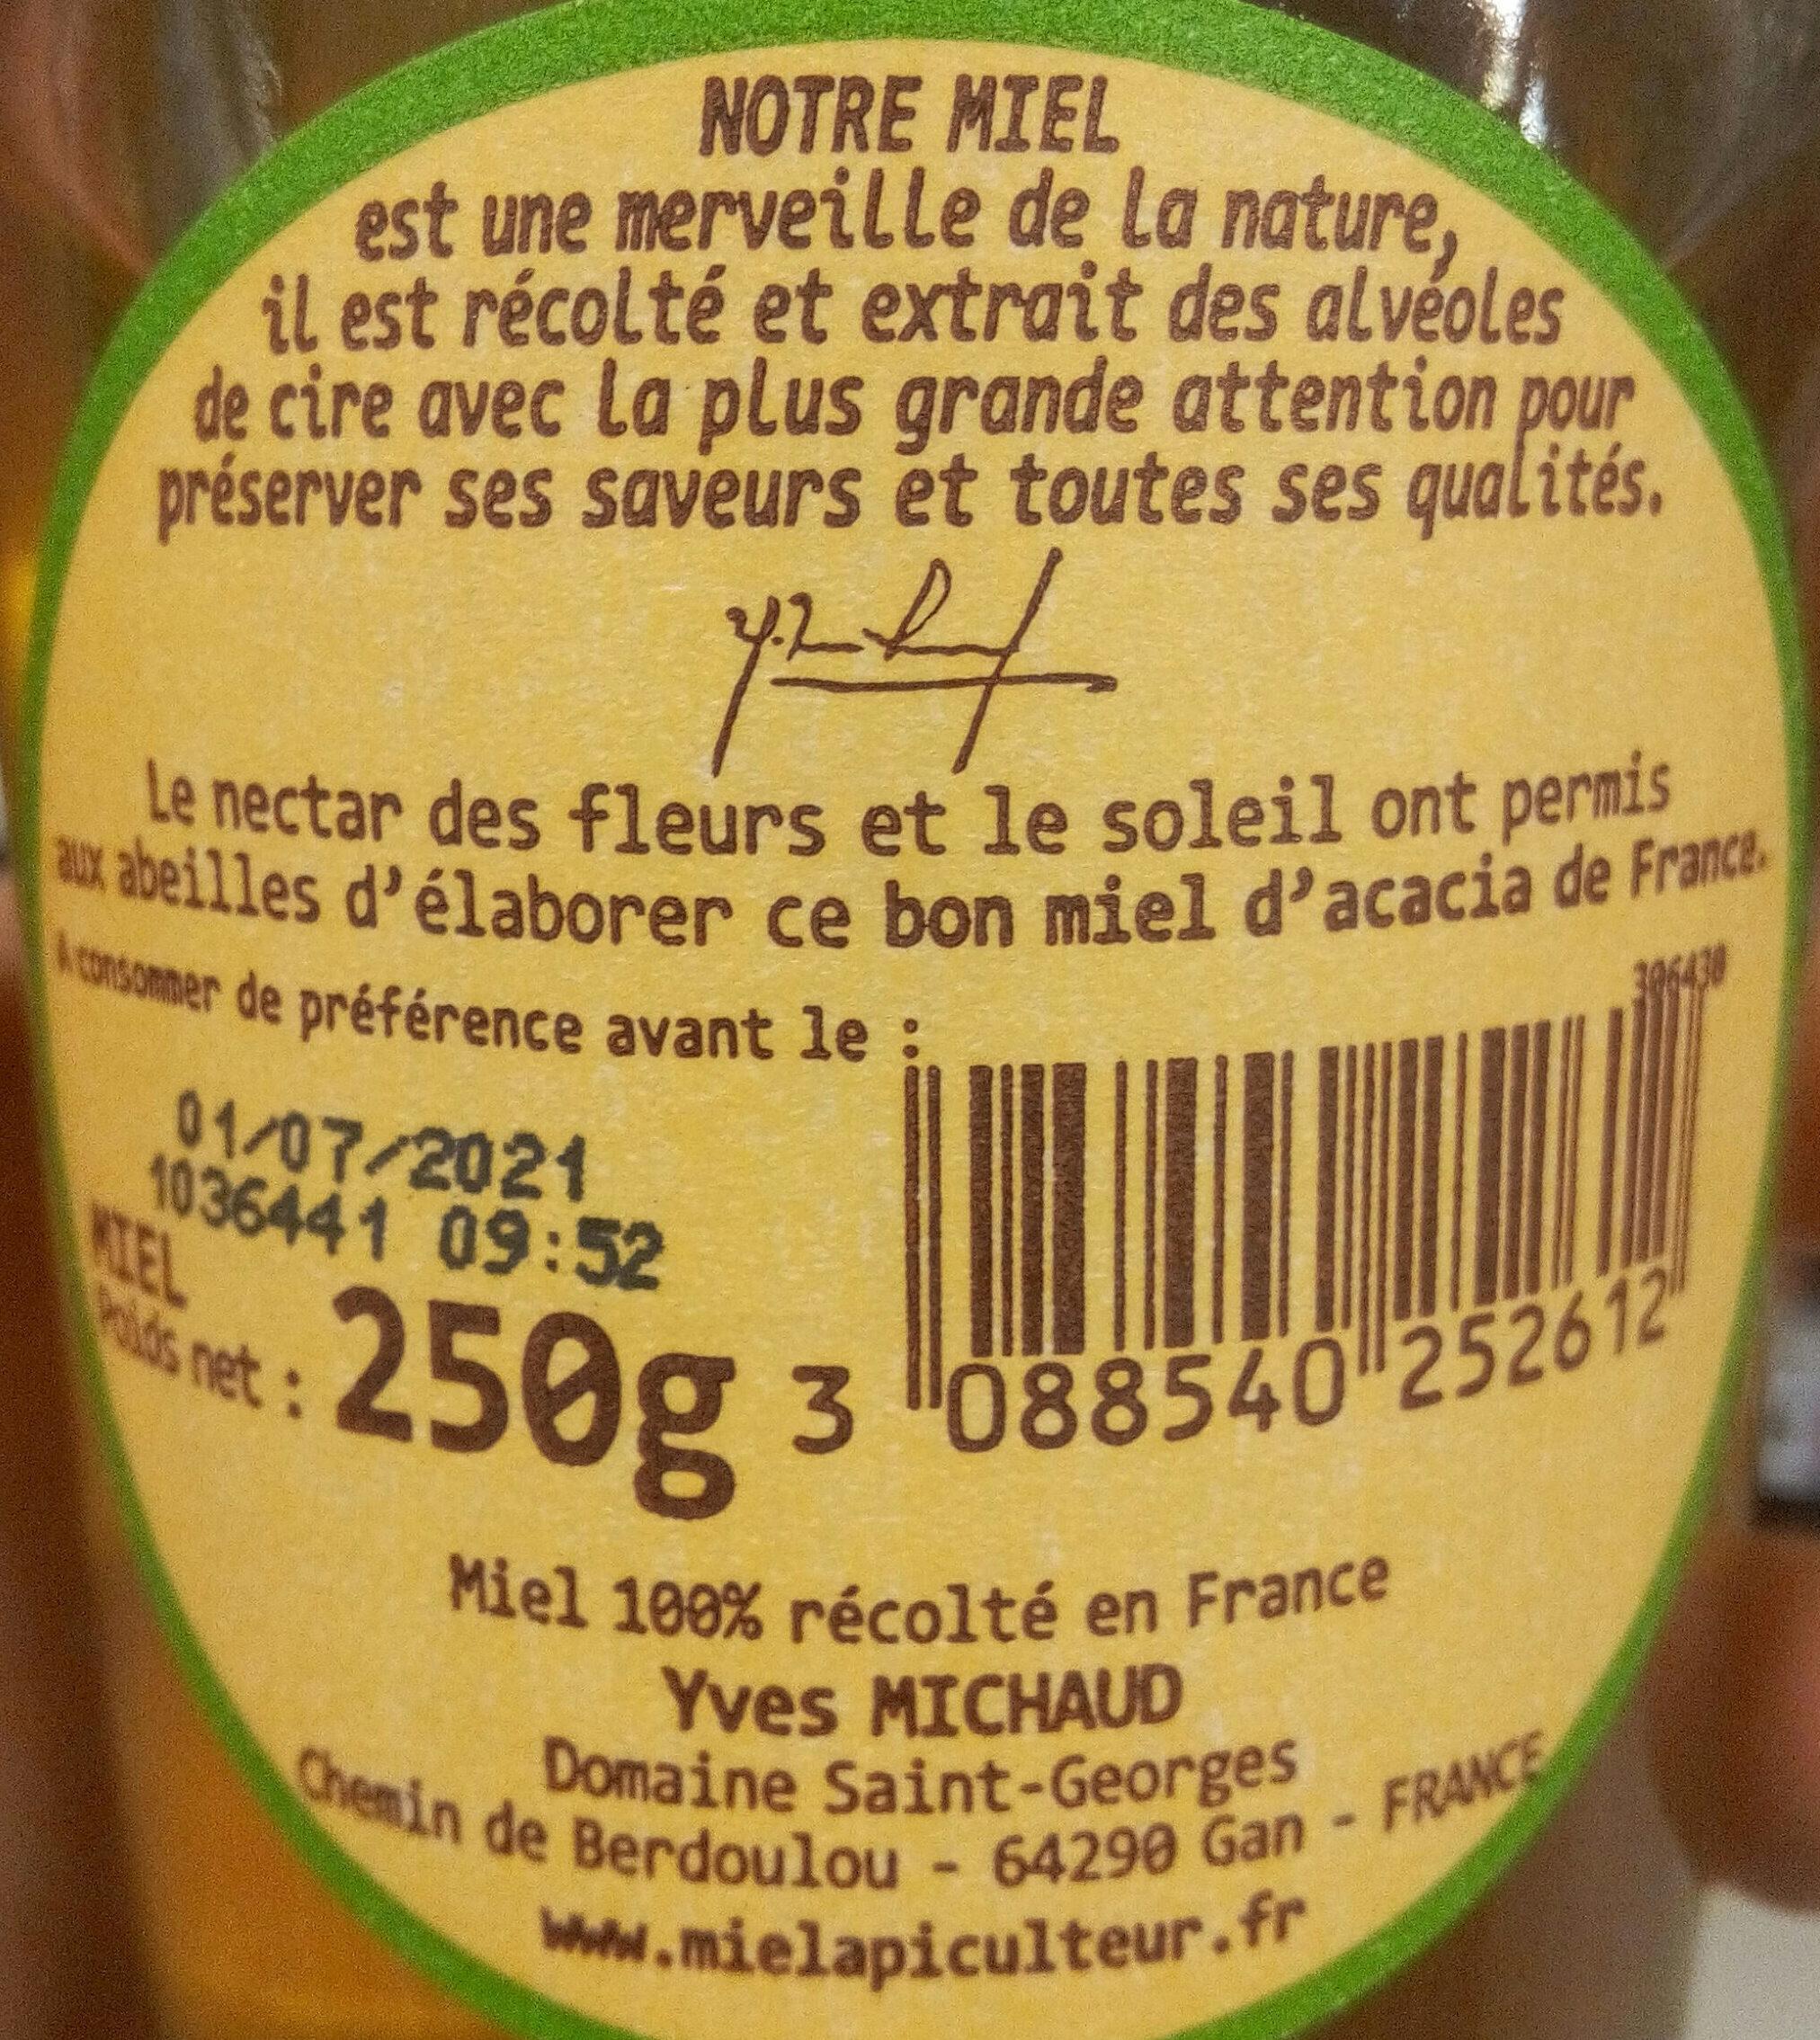 Miel acacia de France - Ingrediënten - fr